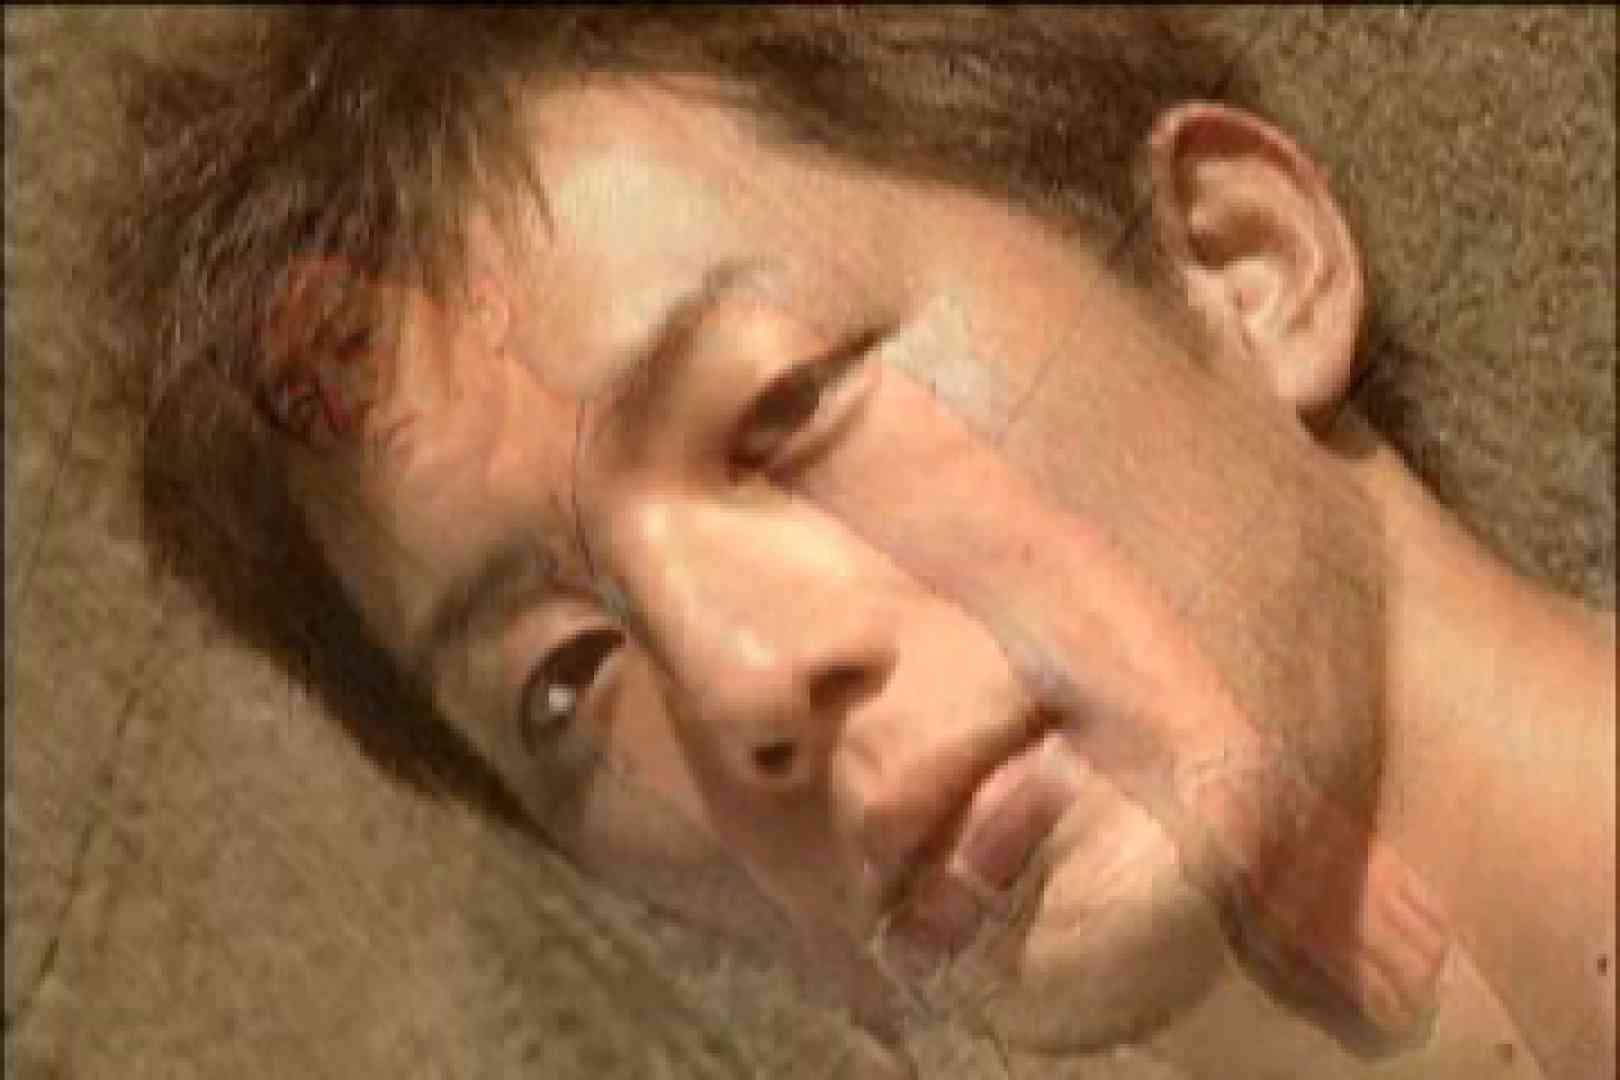 イケメン☆パラダイス〜男ざかりの君たちへ〜vol.4 アナル舐め   イケメンパラダイス ゲイ肛門画像 107pic 1